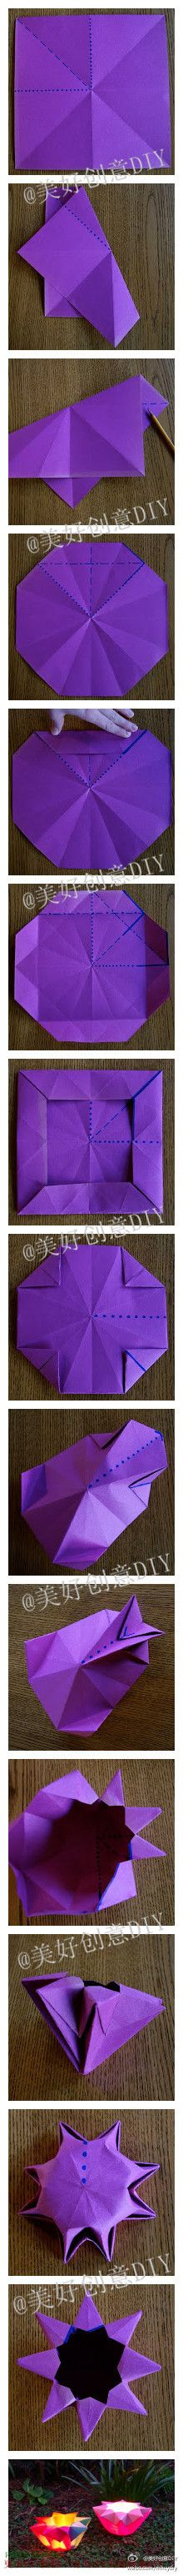 Origami 8 Points Vase